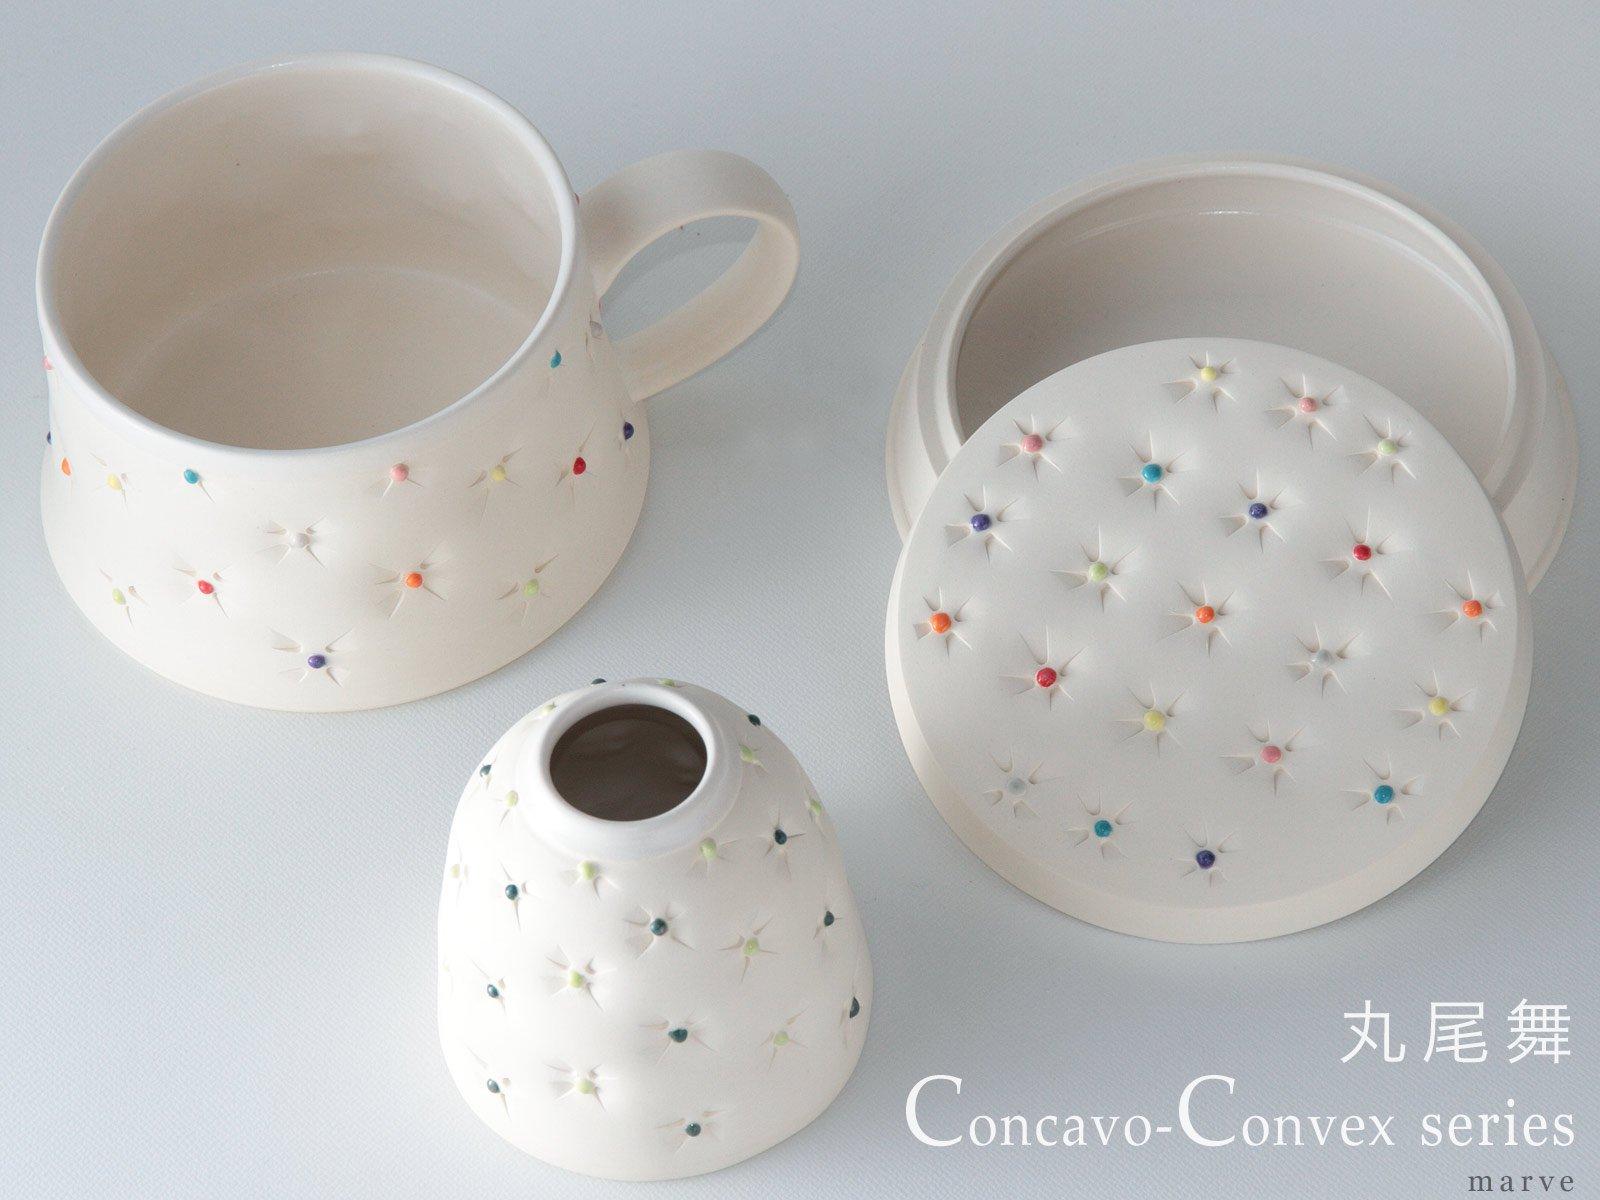 丸尾舞 Concavo-convex series ジュエリーケース